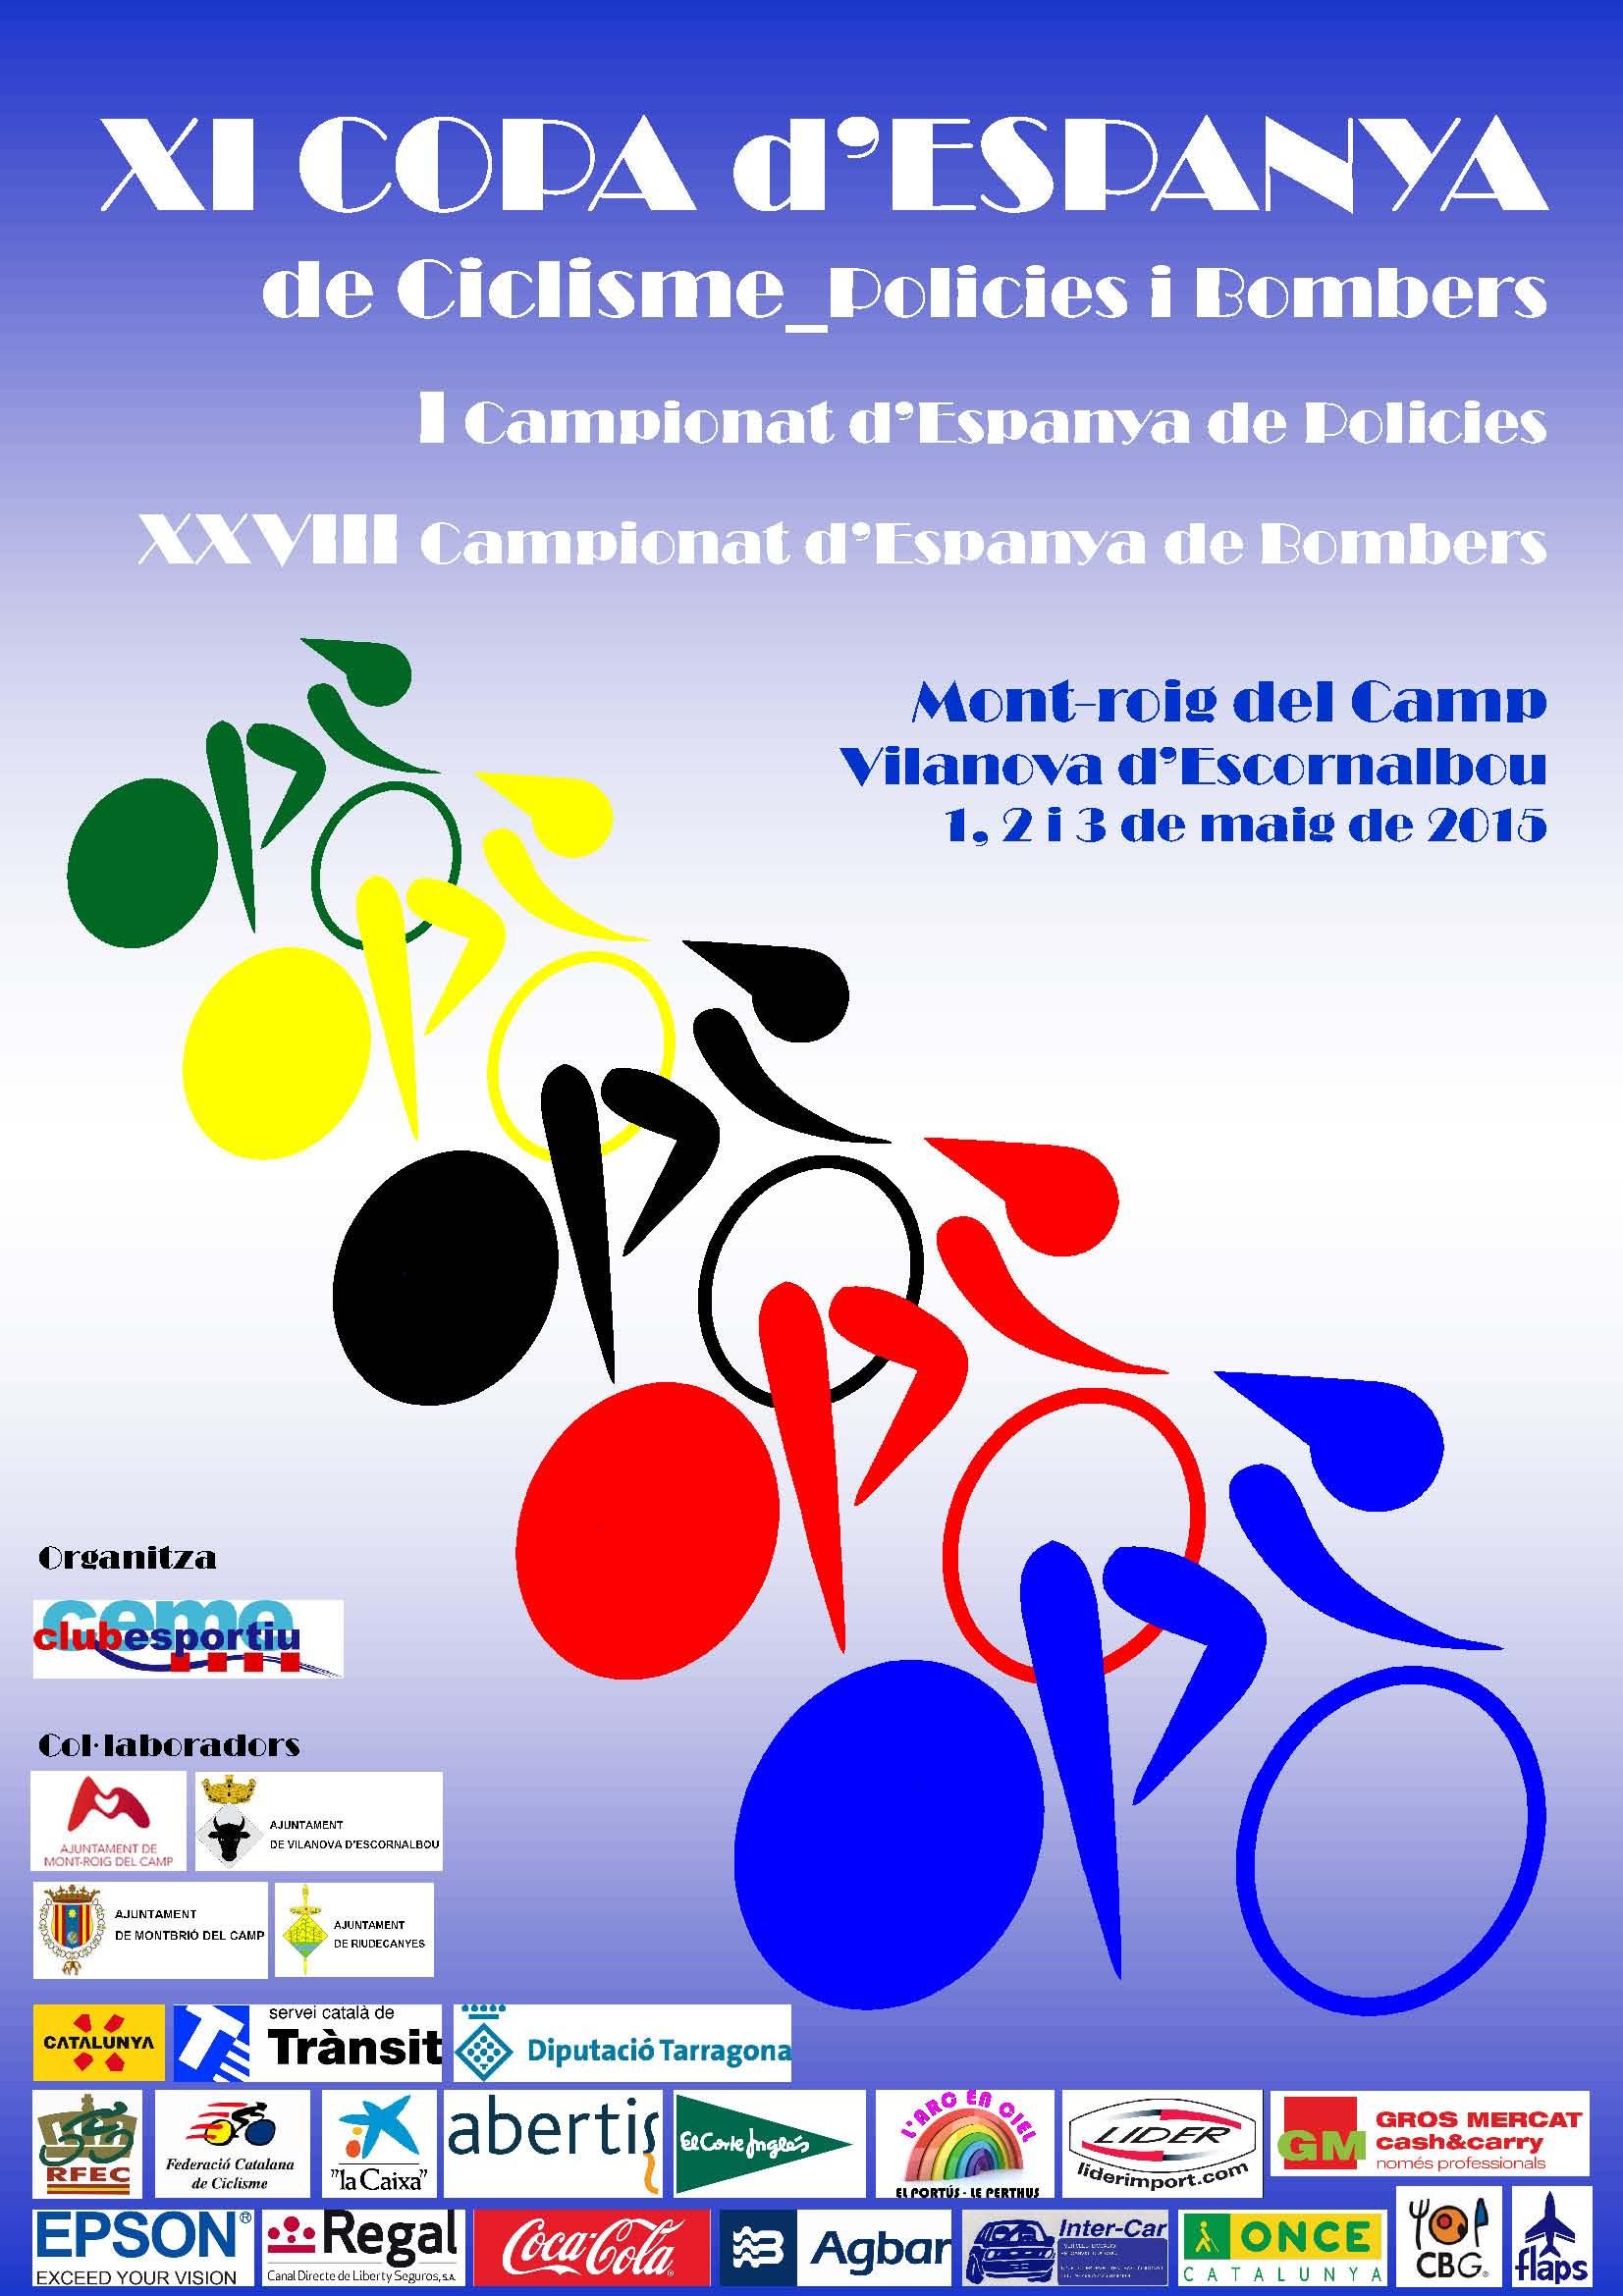 XI Copa d'Espanya de Ciclisme de Policies i Bombers